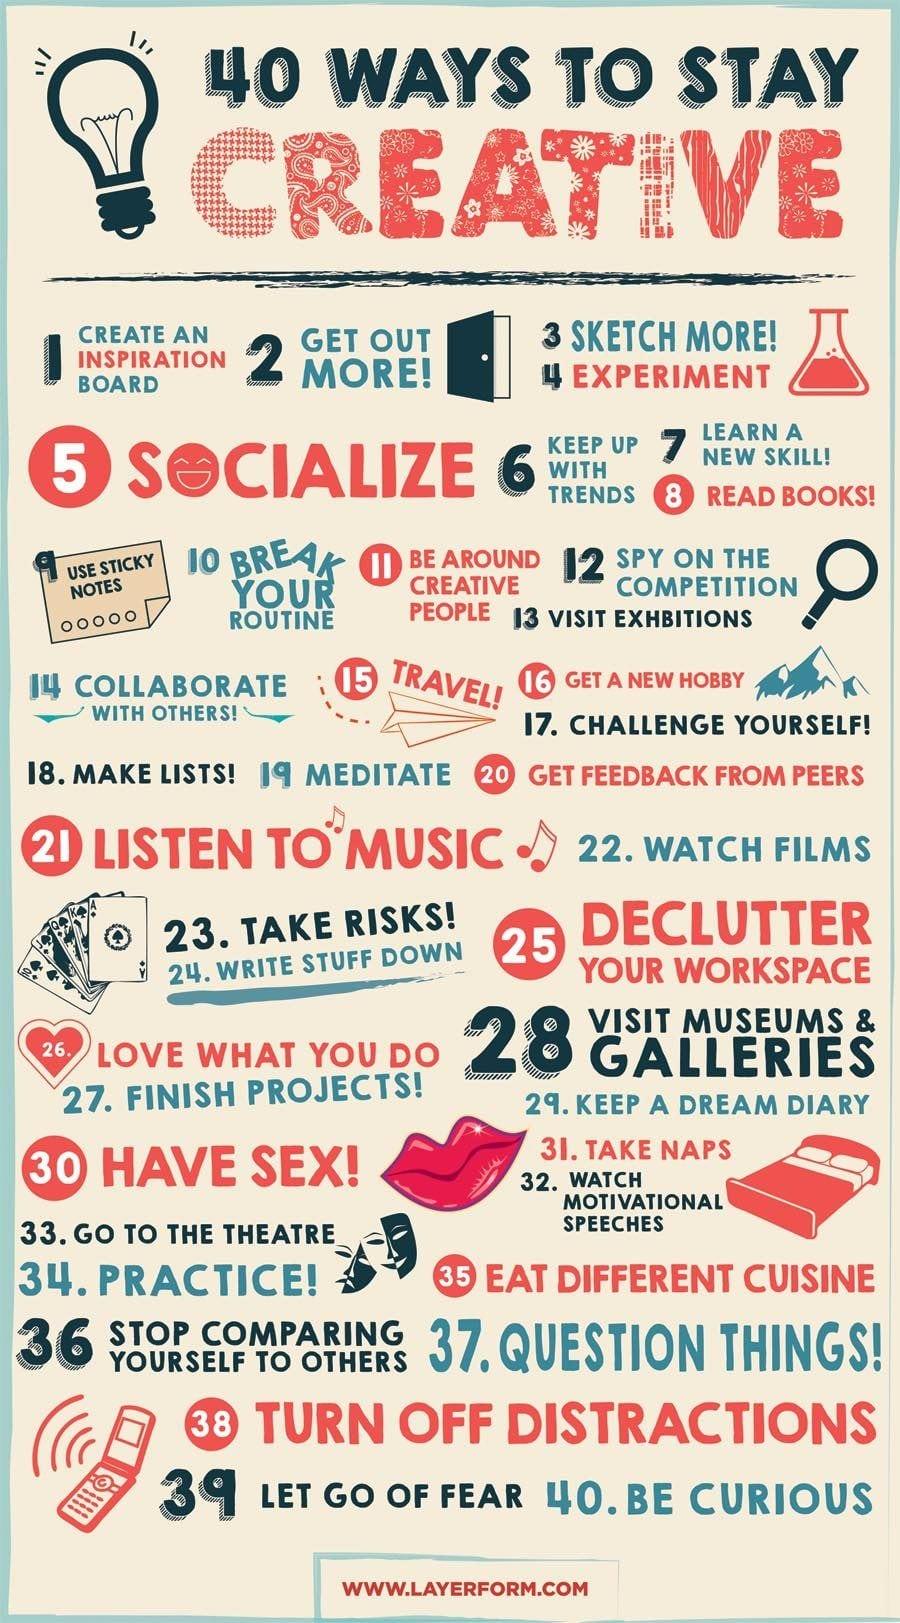 40 conseils pour rester créatif